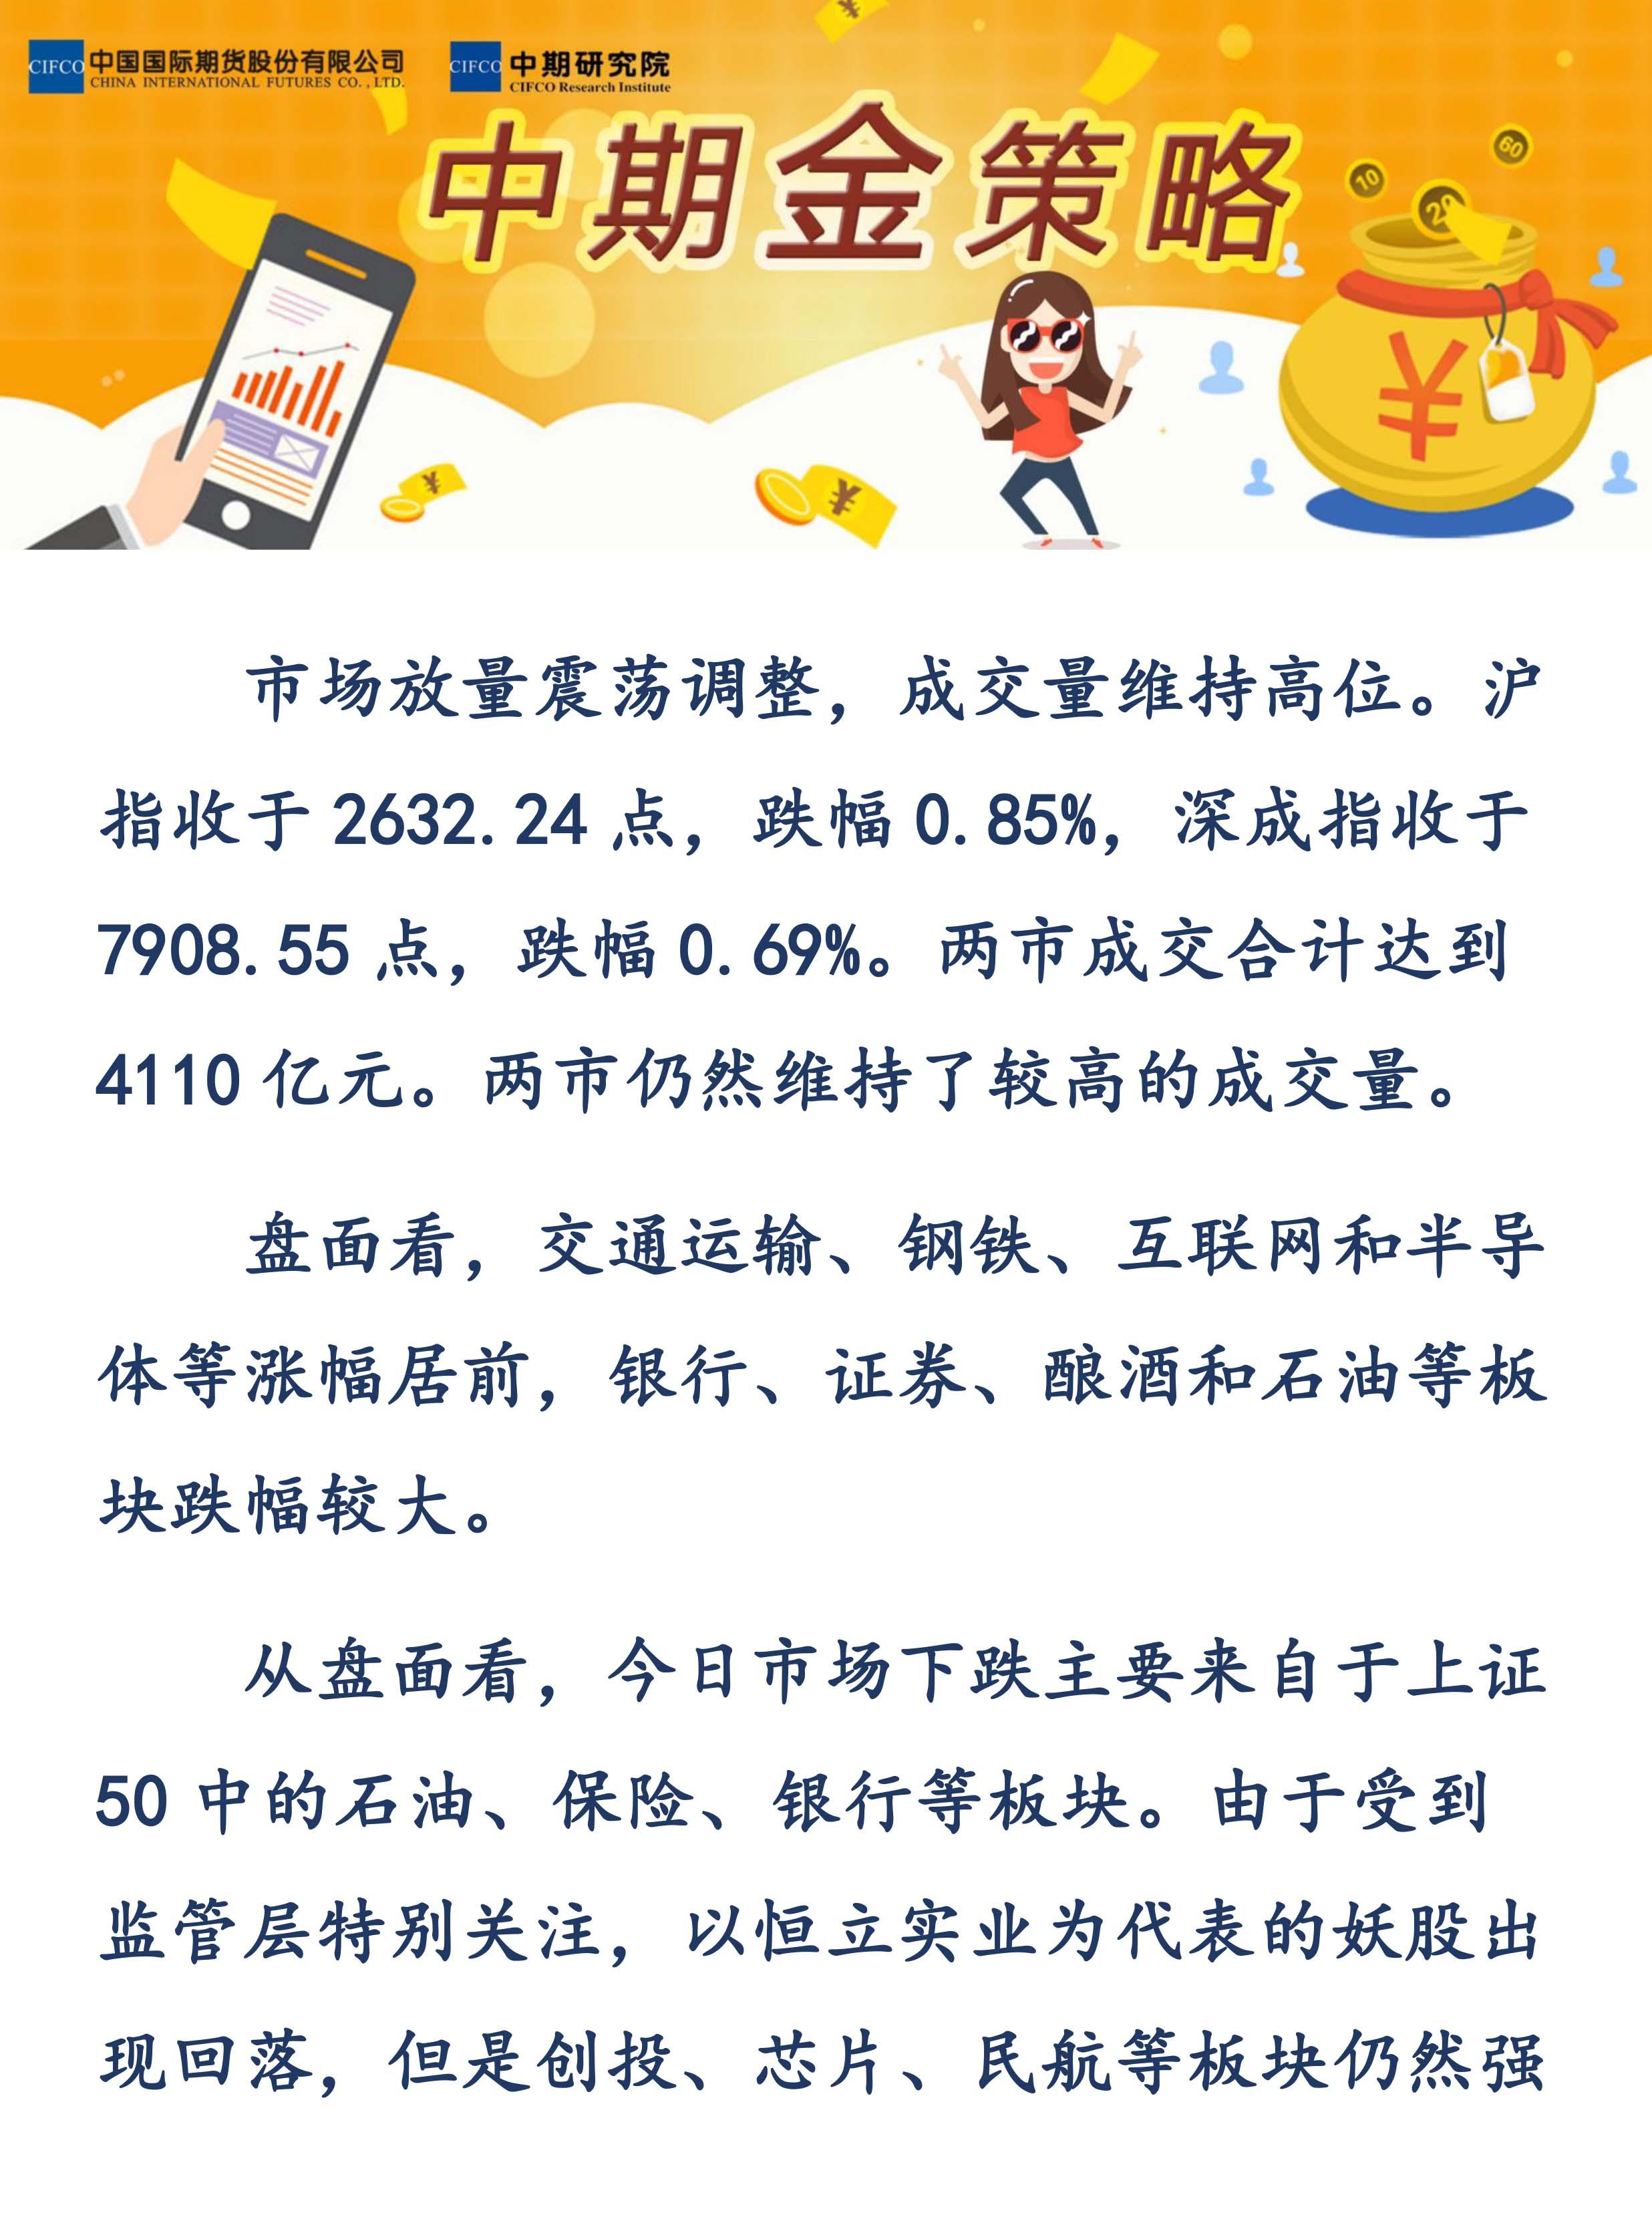 易胜博金策略1114(李冰)-1.jpg